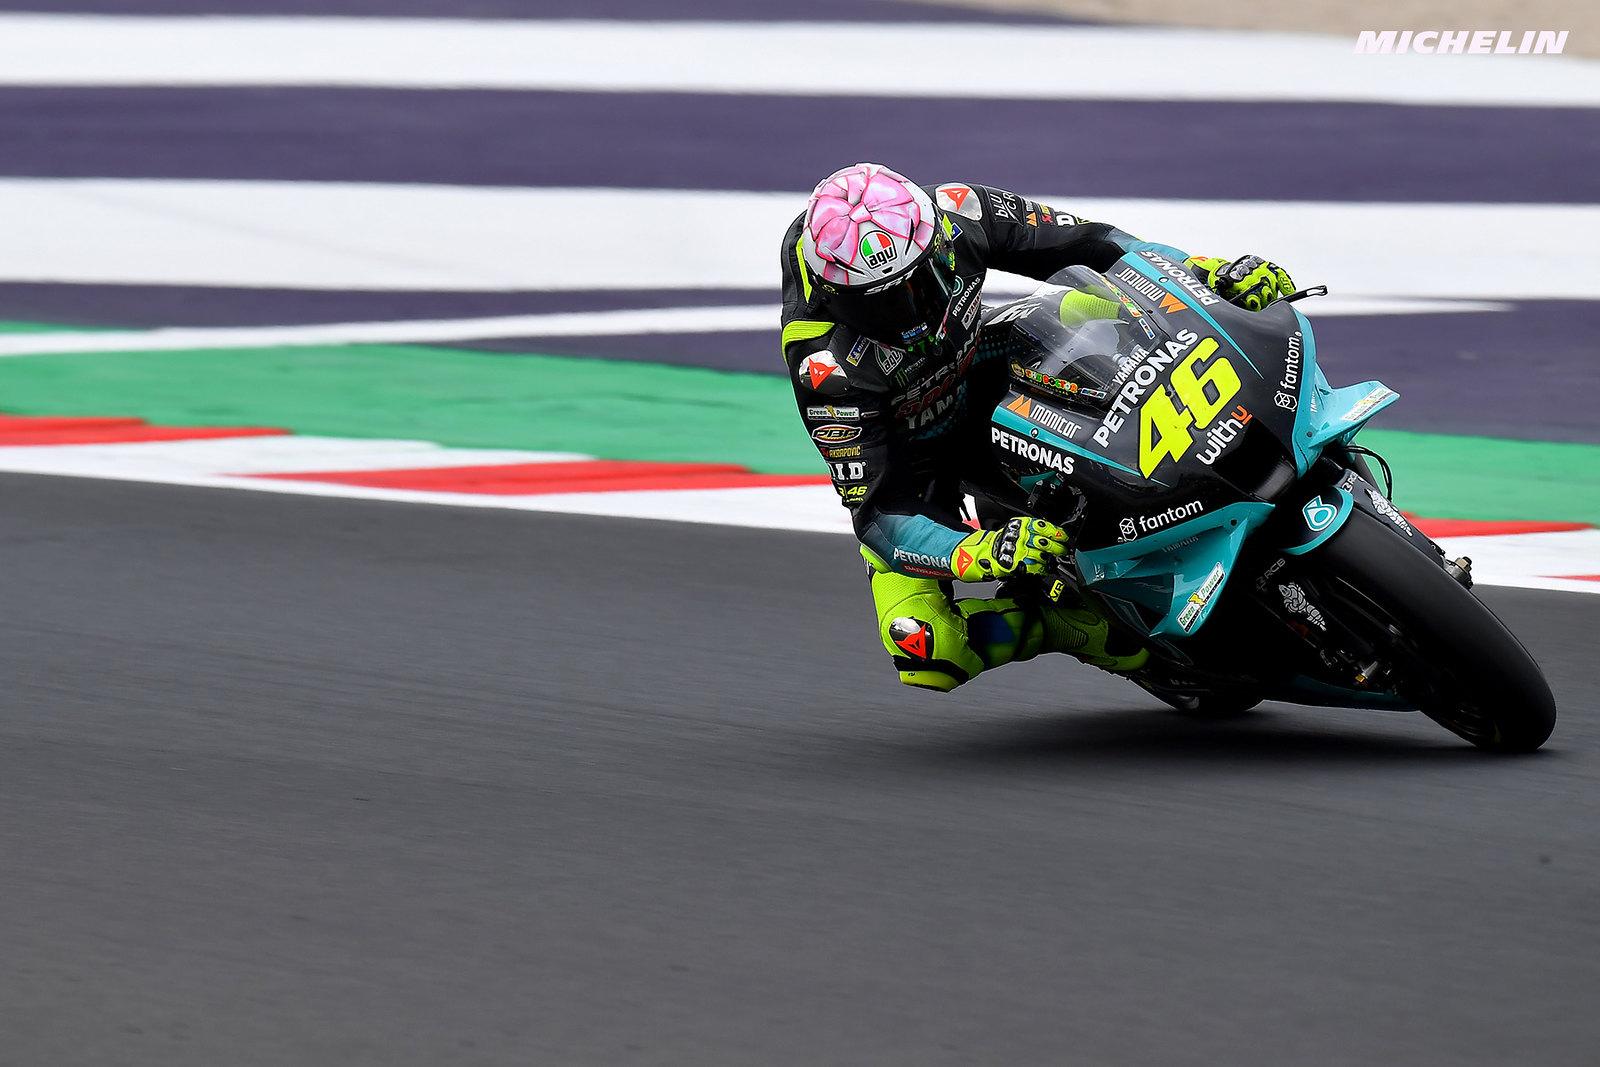 ミサノ・サーキット ロッシ最後のイタリアでのMotoGP開催に合わせ、収容人数をアップ